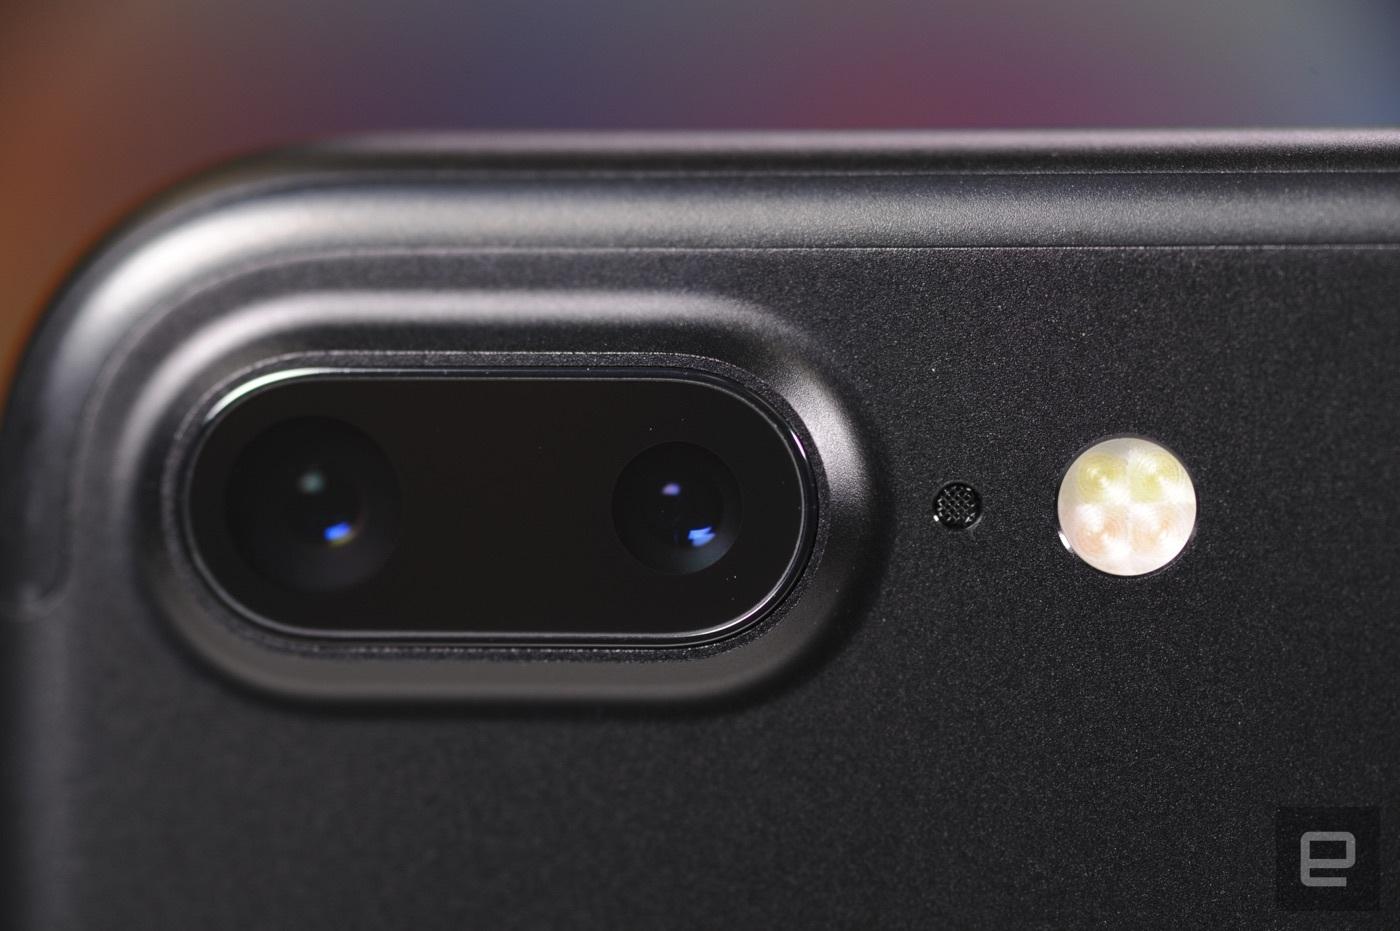 其实 iPhone 7 Plus 的第二镜头可不是你想用就能用的